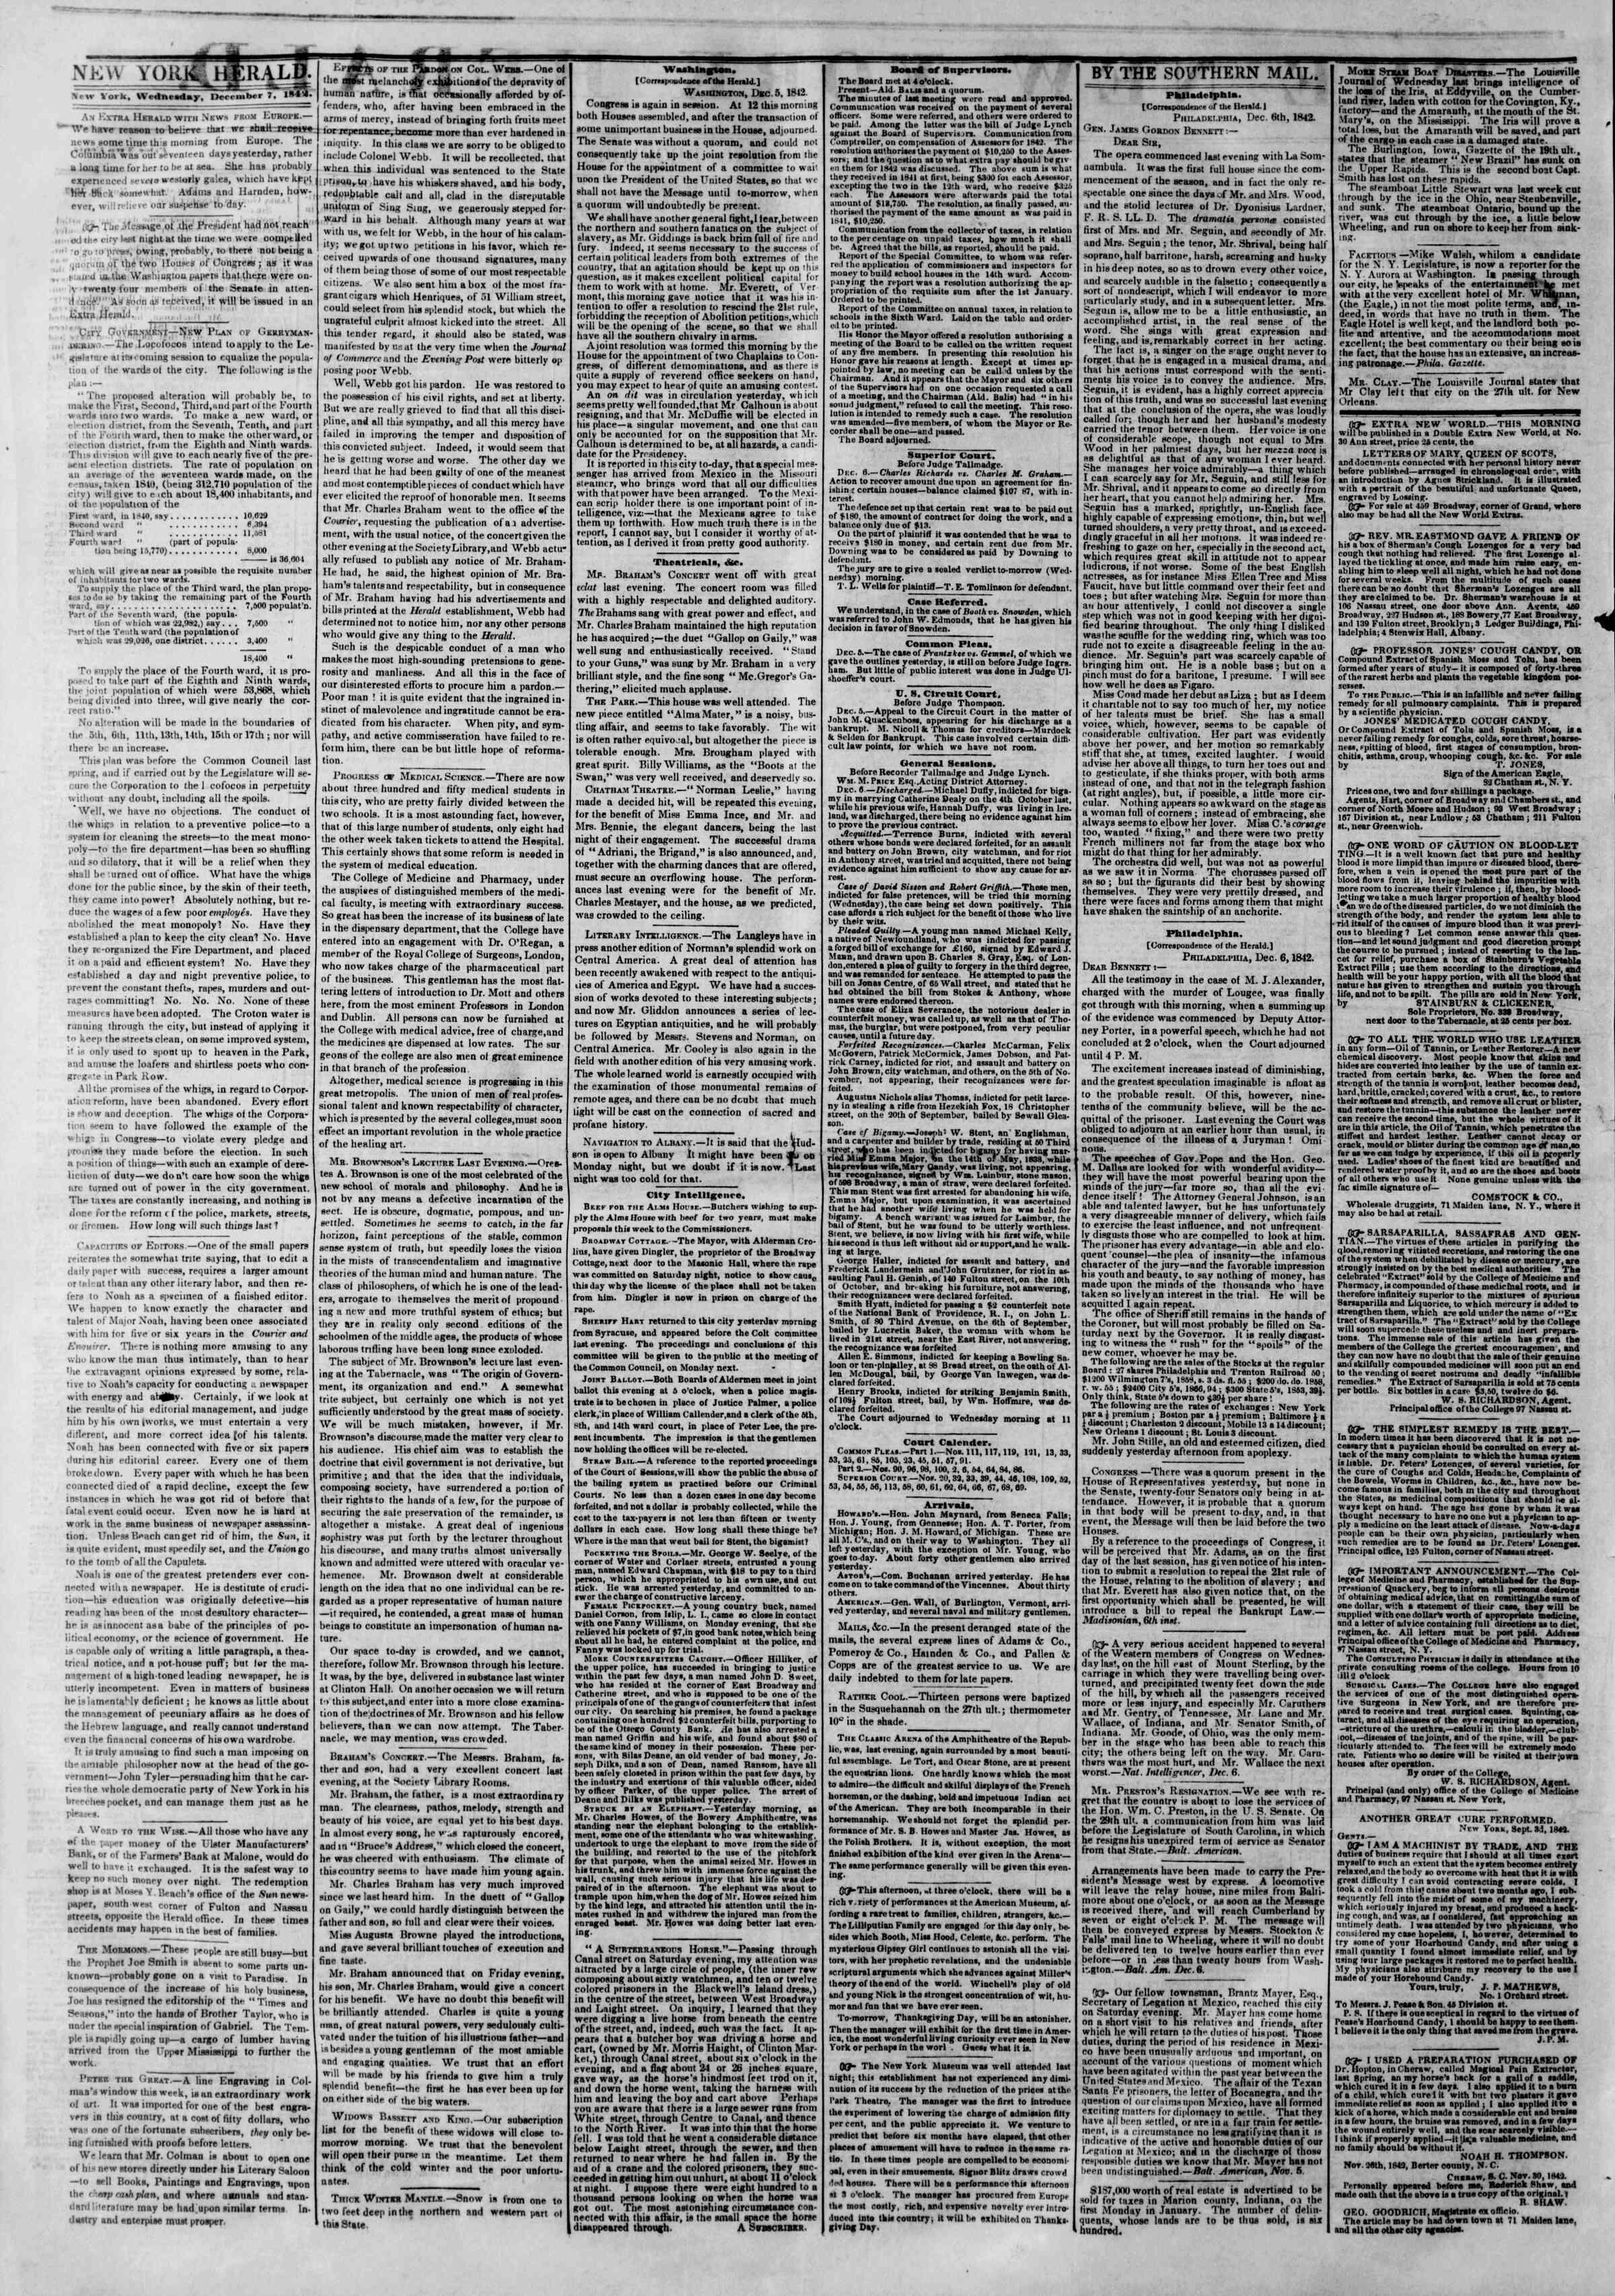 December 7, 1842 Tarihli The New York Herald Gazetesi Sayfa 2